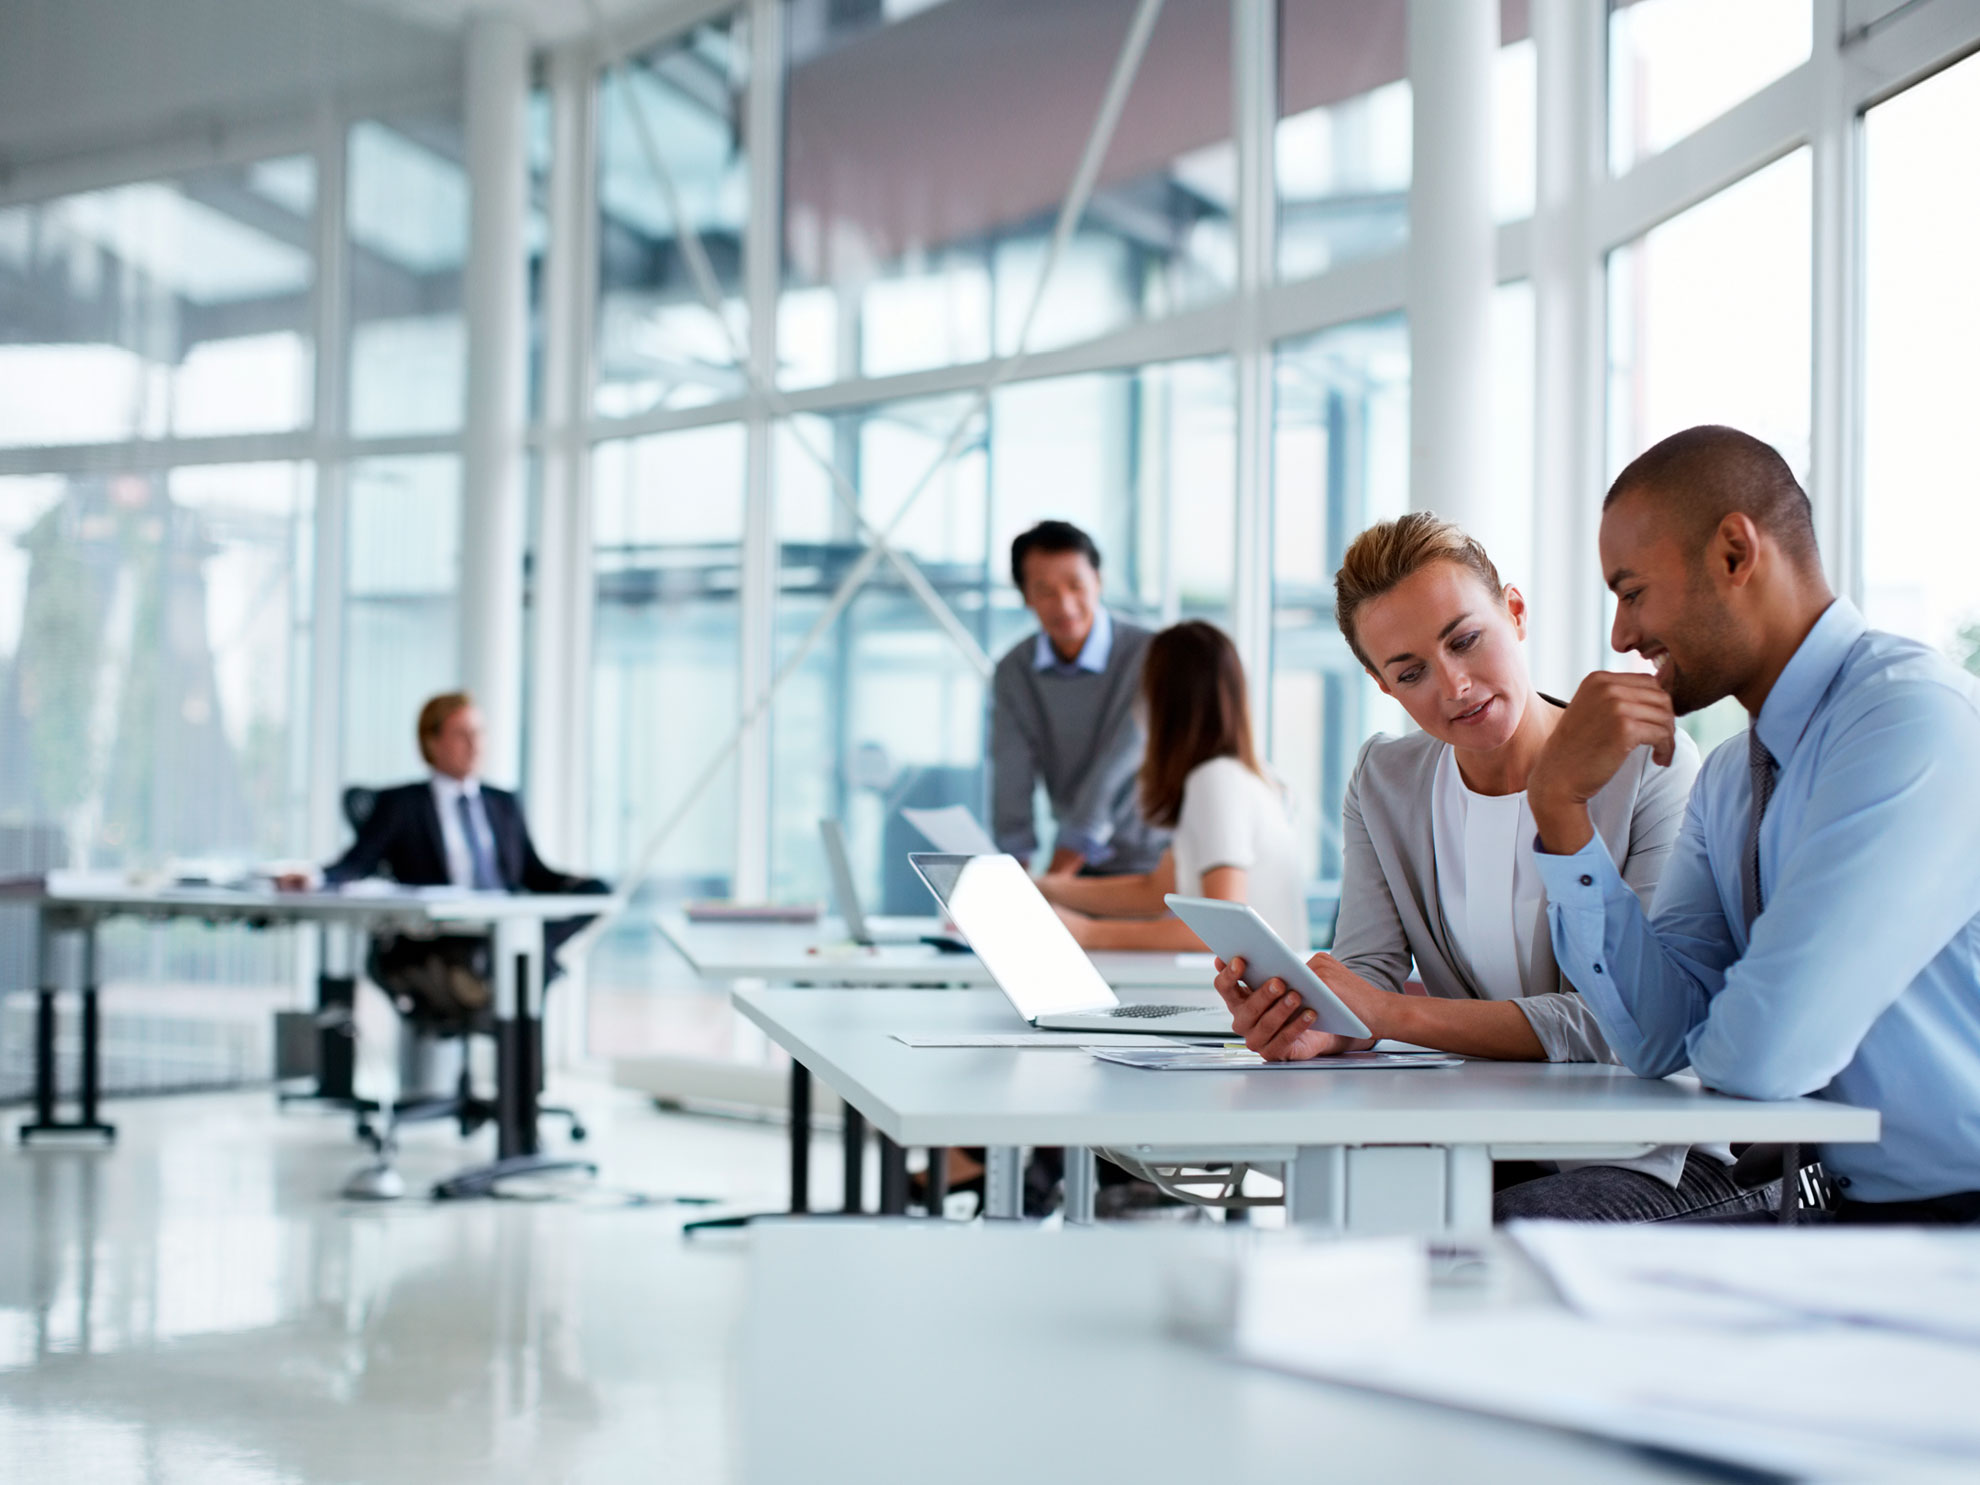 comunicazione-digitale-dipendenti-azienda